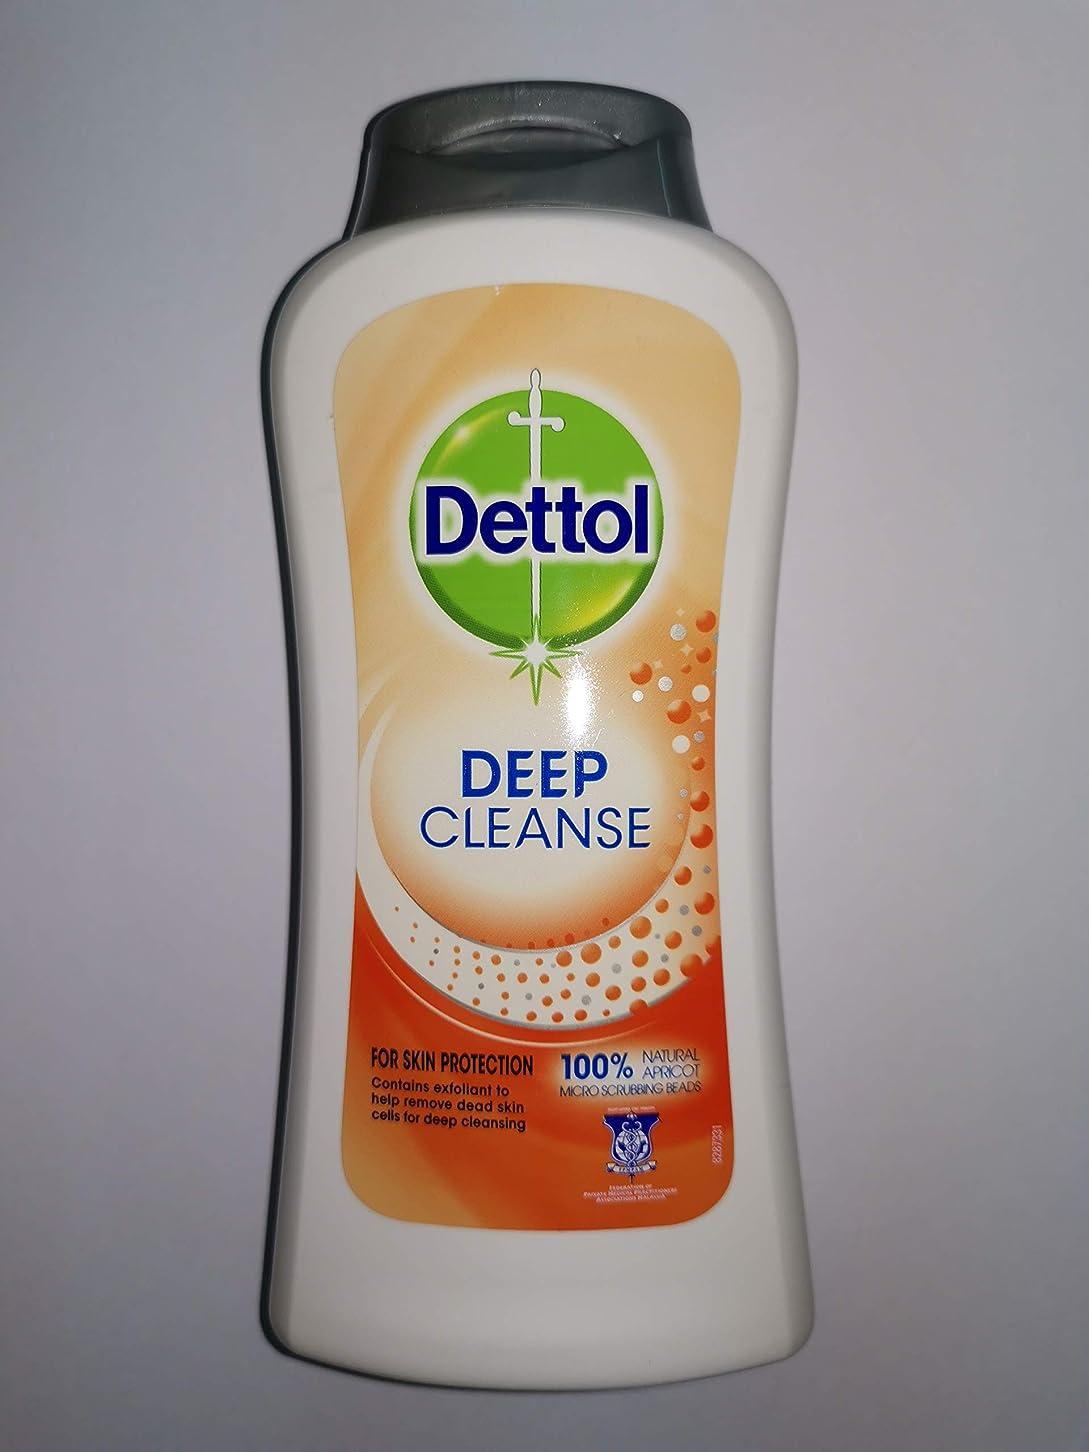 家族読書変形Dettol マイクロスクラブビーズで225ミリリットル、深いクリーンシャワーすることは、それらを100%より優れた皮膚保護を提供します。皮膚は不純物や細菌自由な呼吸させます